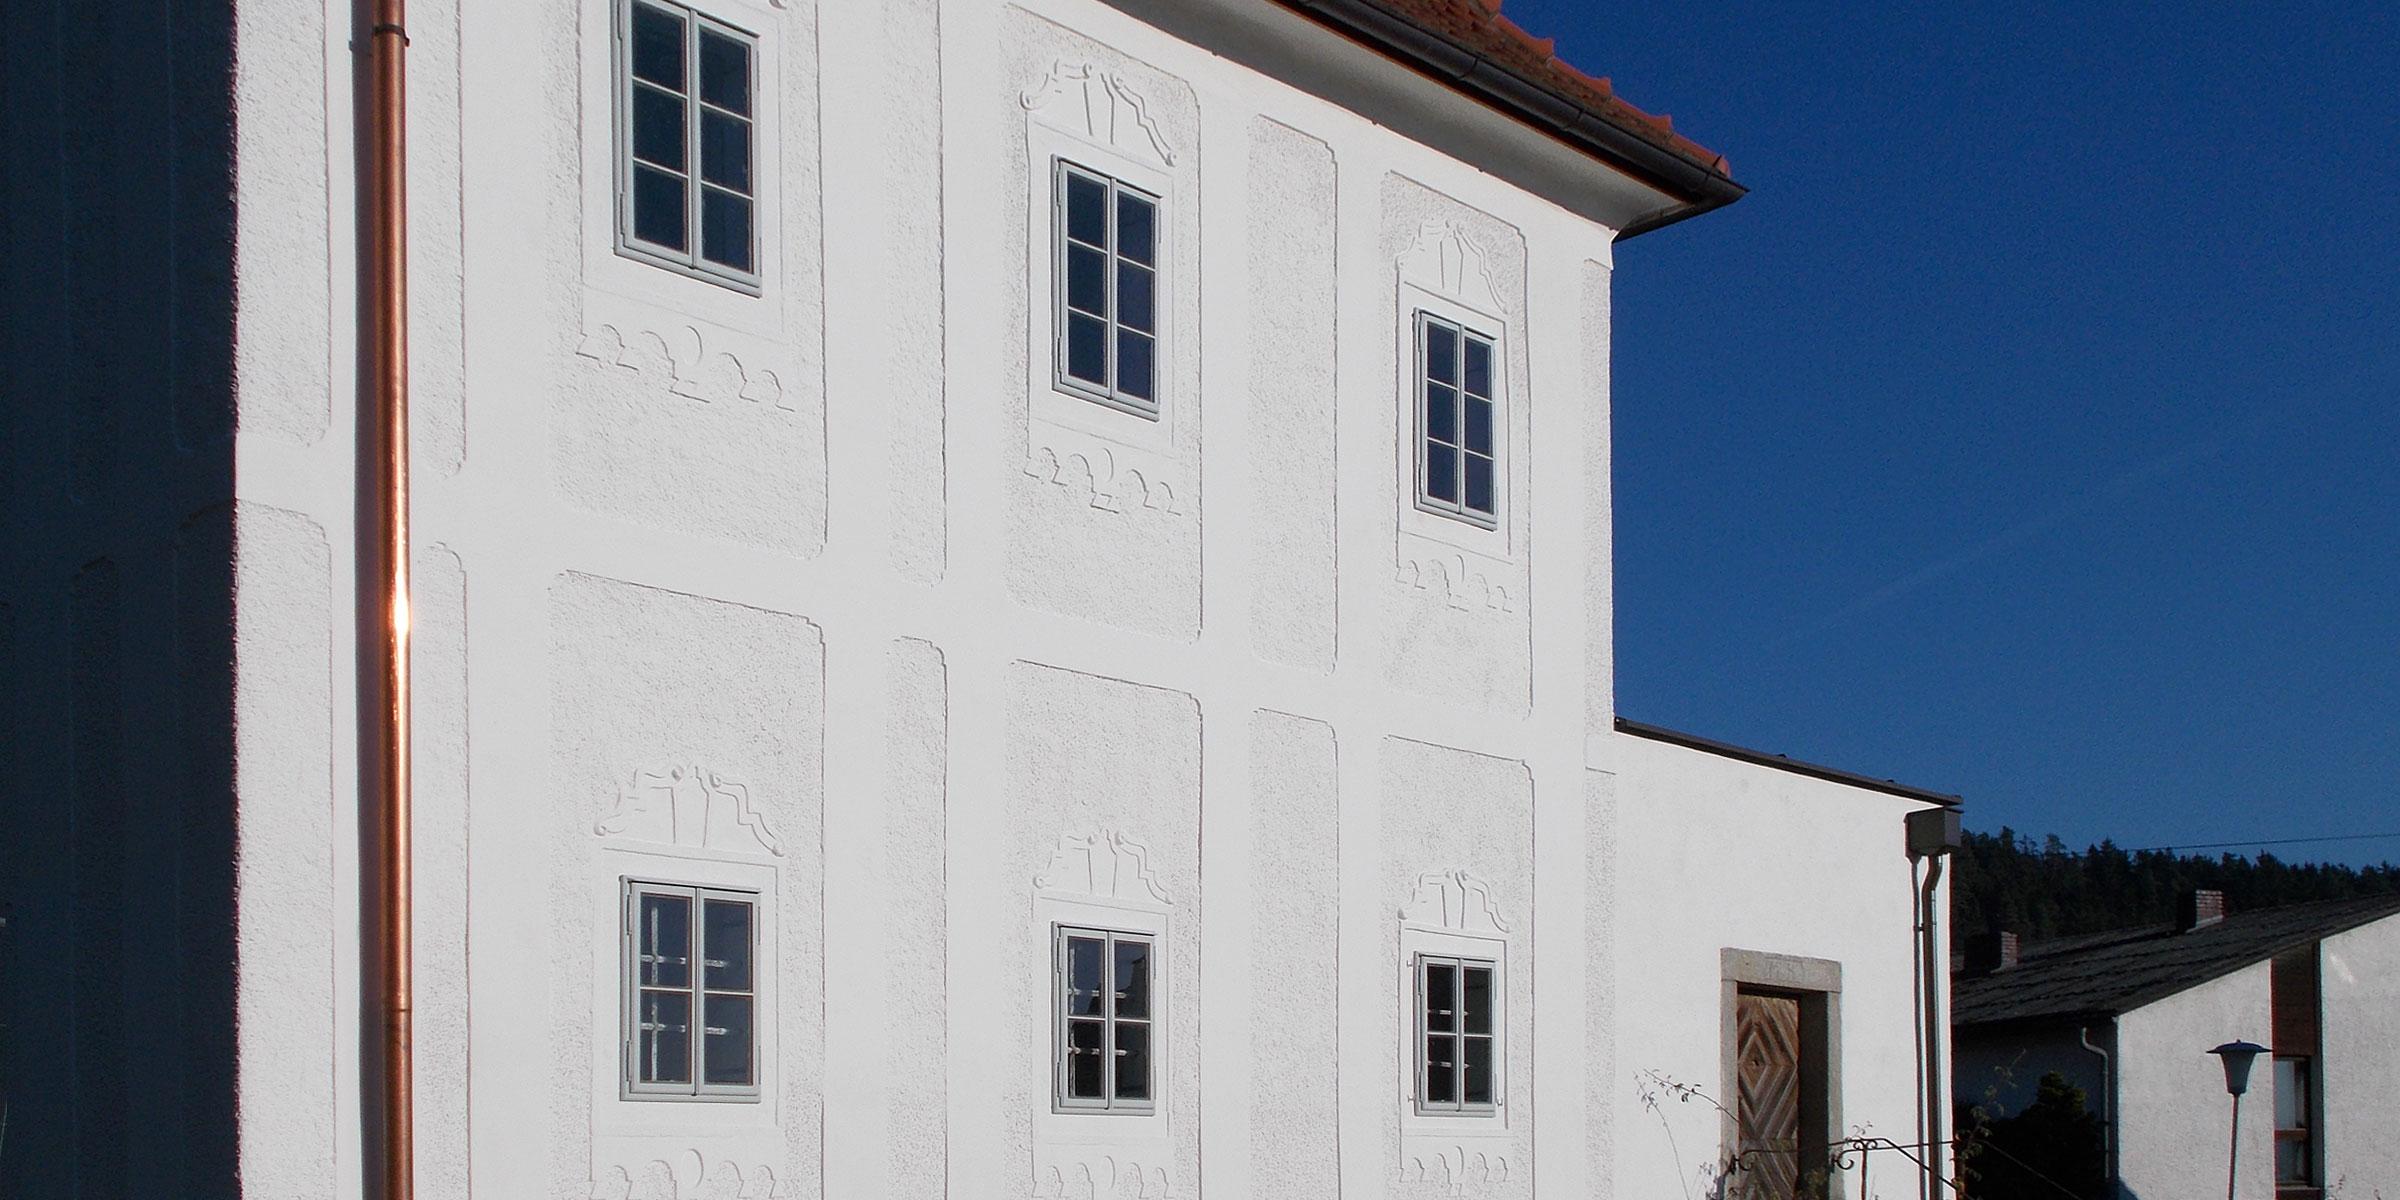 Wohnhaus mühlviertel traditionell nostalgisch historisch renoviert Tischler Hans Hummer Feldkirchen an der Donau